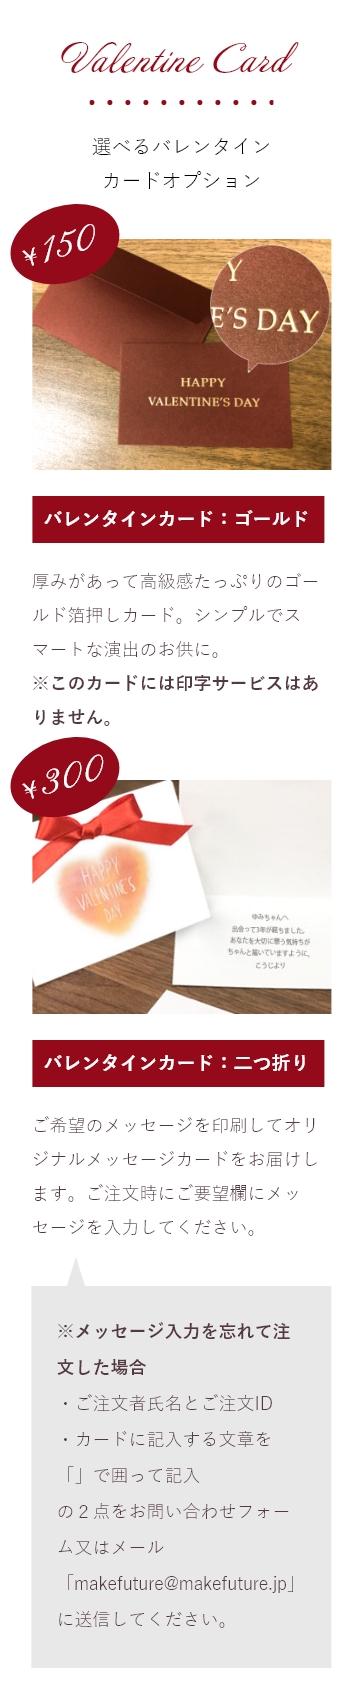 バレンタインカードオプション